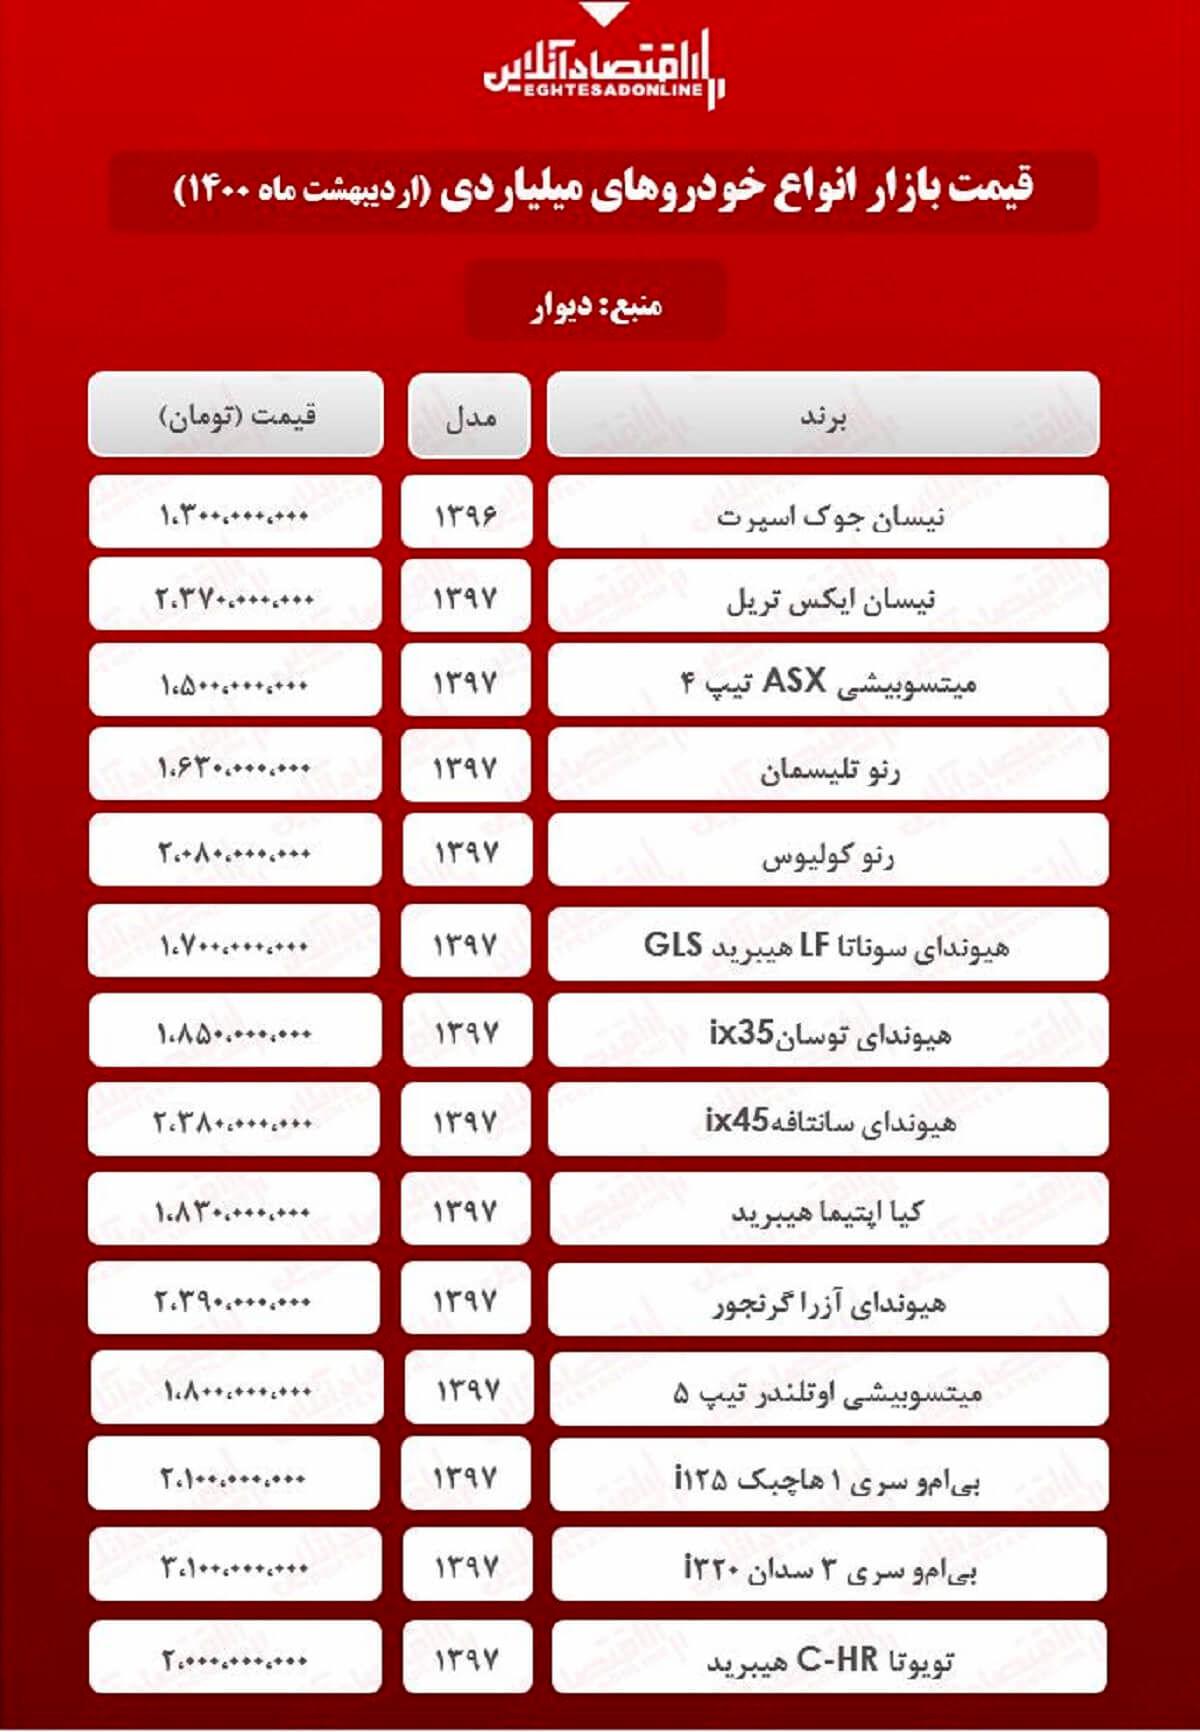 جدیدترین قیمت خودروهای لوکس بازار تهران + جدول